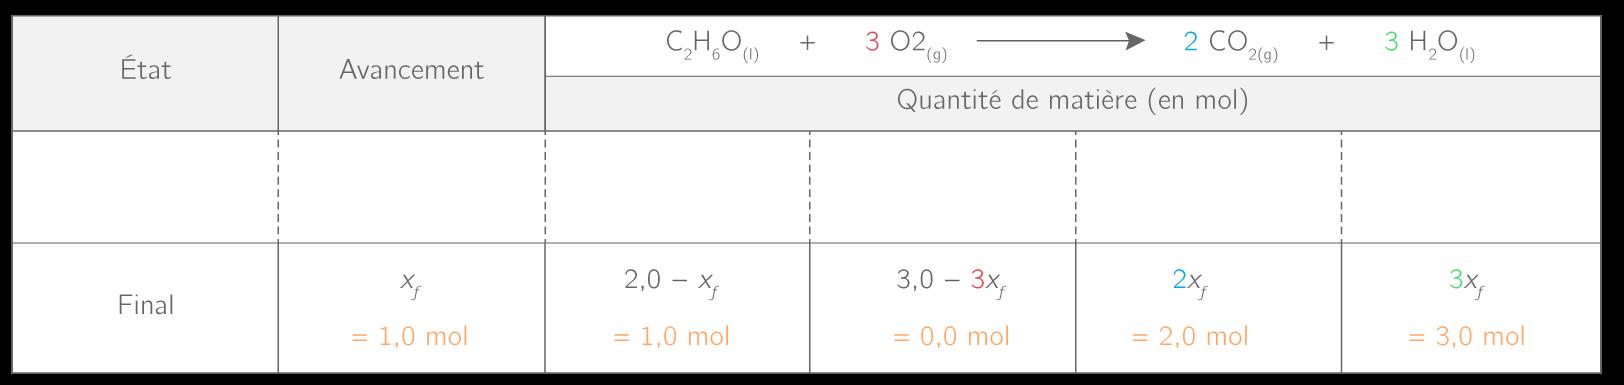 Composition finale d'un mélange de 2,0mol d'éthanol et de 3,0mol de dioxygène